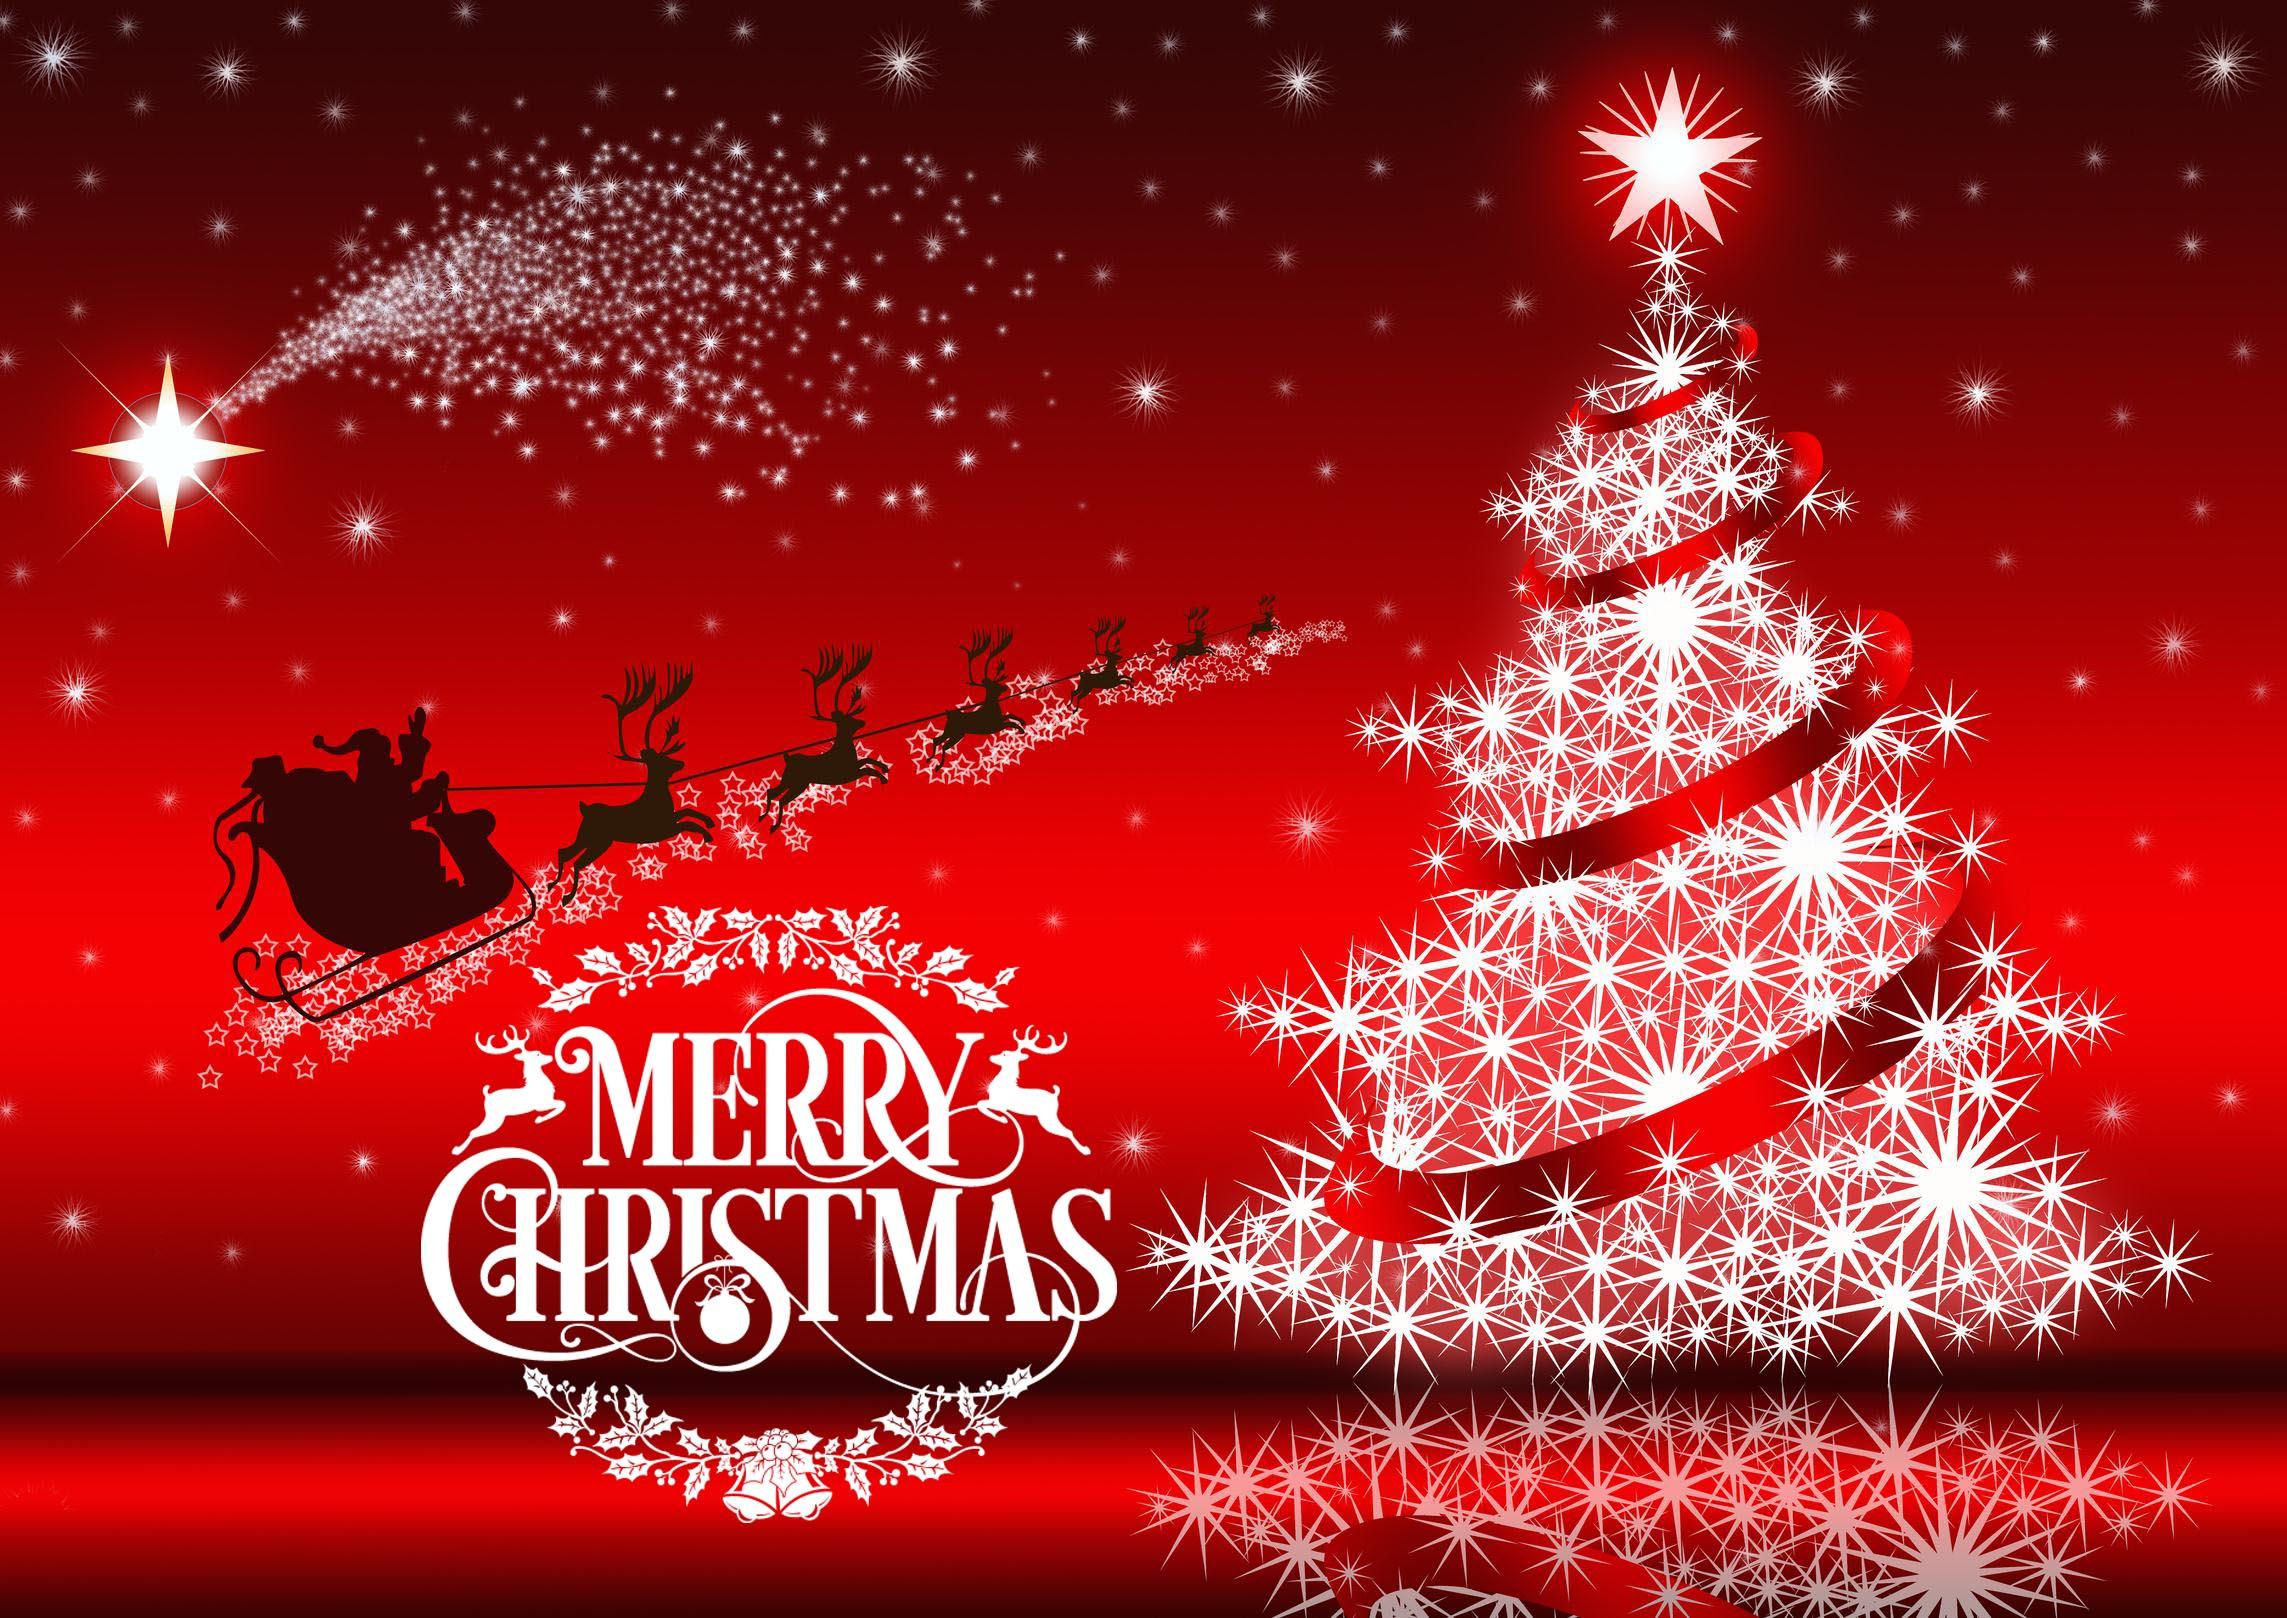 Happy merry christmas wishes greetings santa rein deer hd wallpaper kristyandbryce Gallery